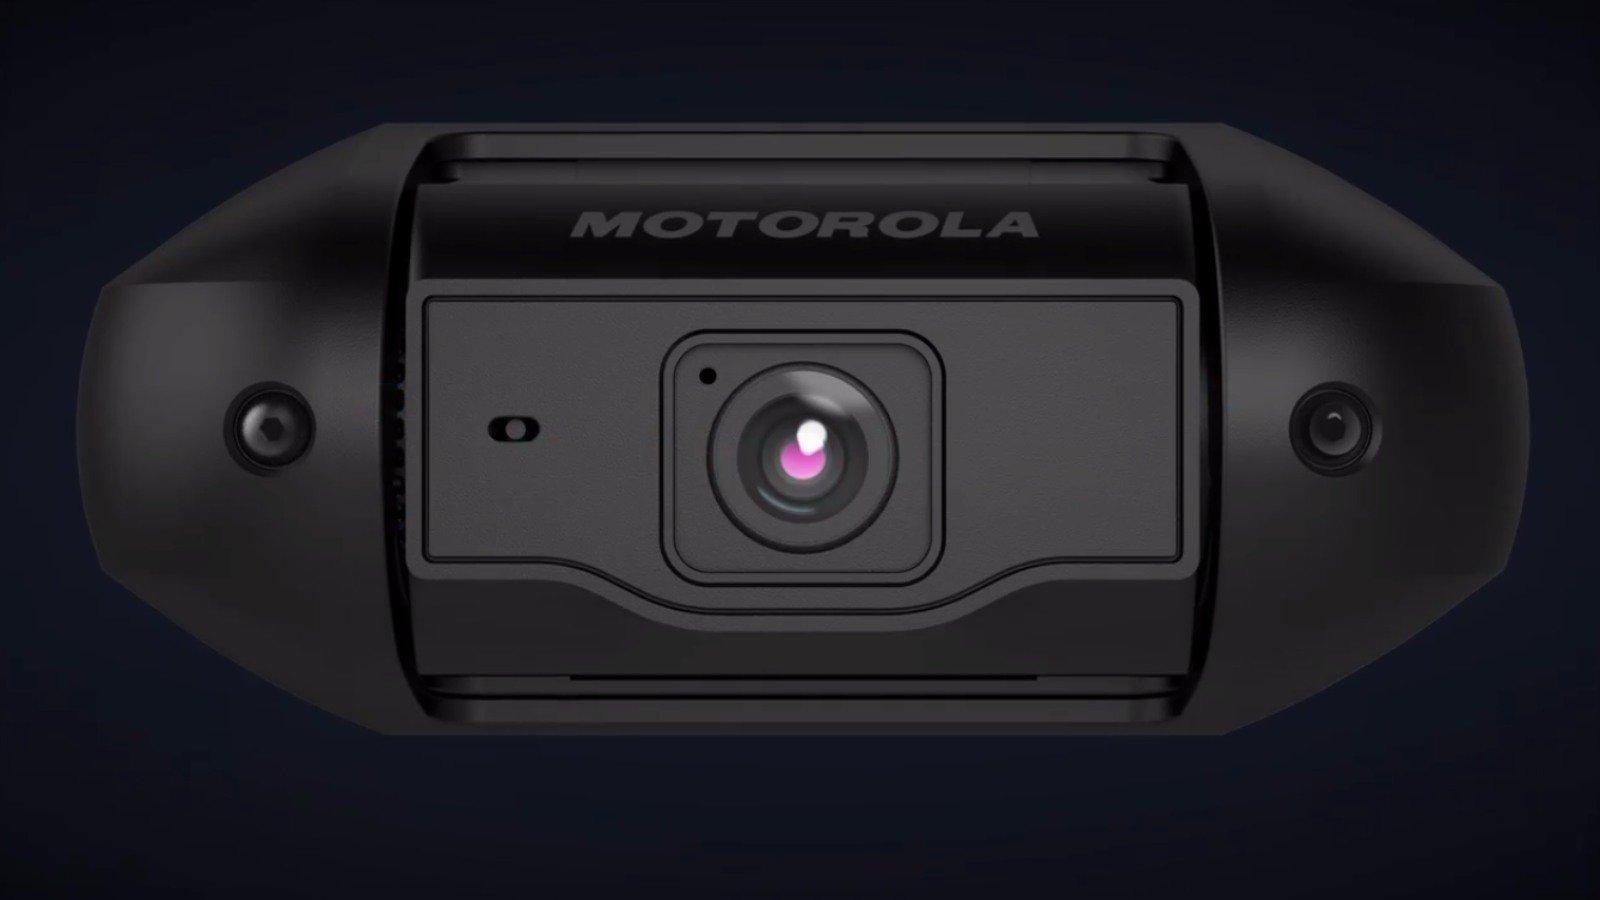 موتورولا از سیستم ویدیویی هوش مصنوعی برای خودروهای پلیس رونمایی کرد